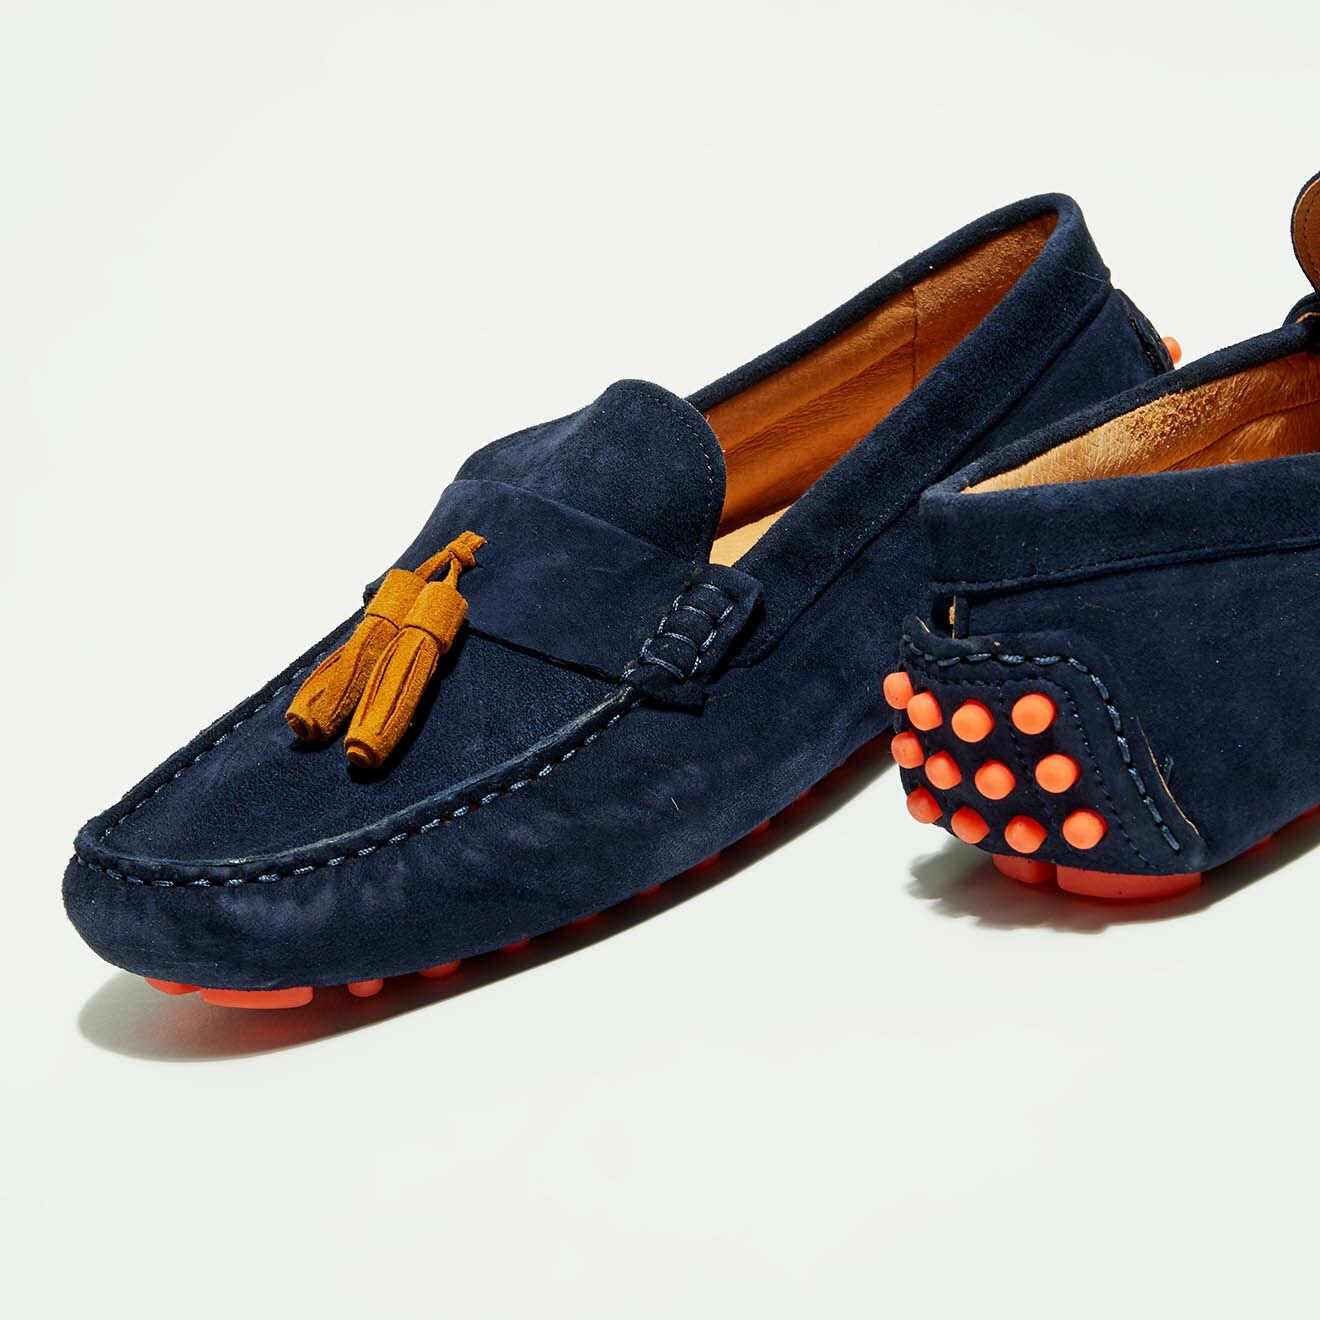 Mocassins en Velours de Cuir Manu marine/orange - Flavio Création - Modalova